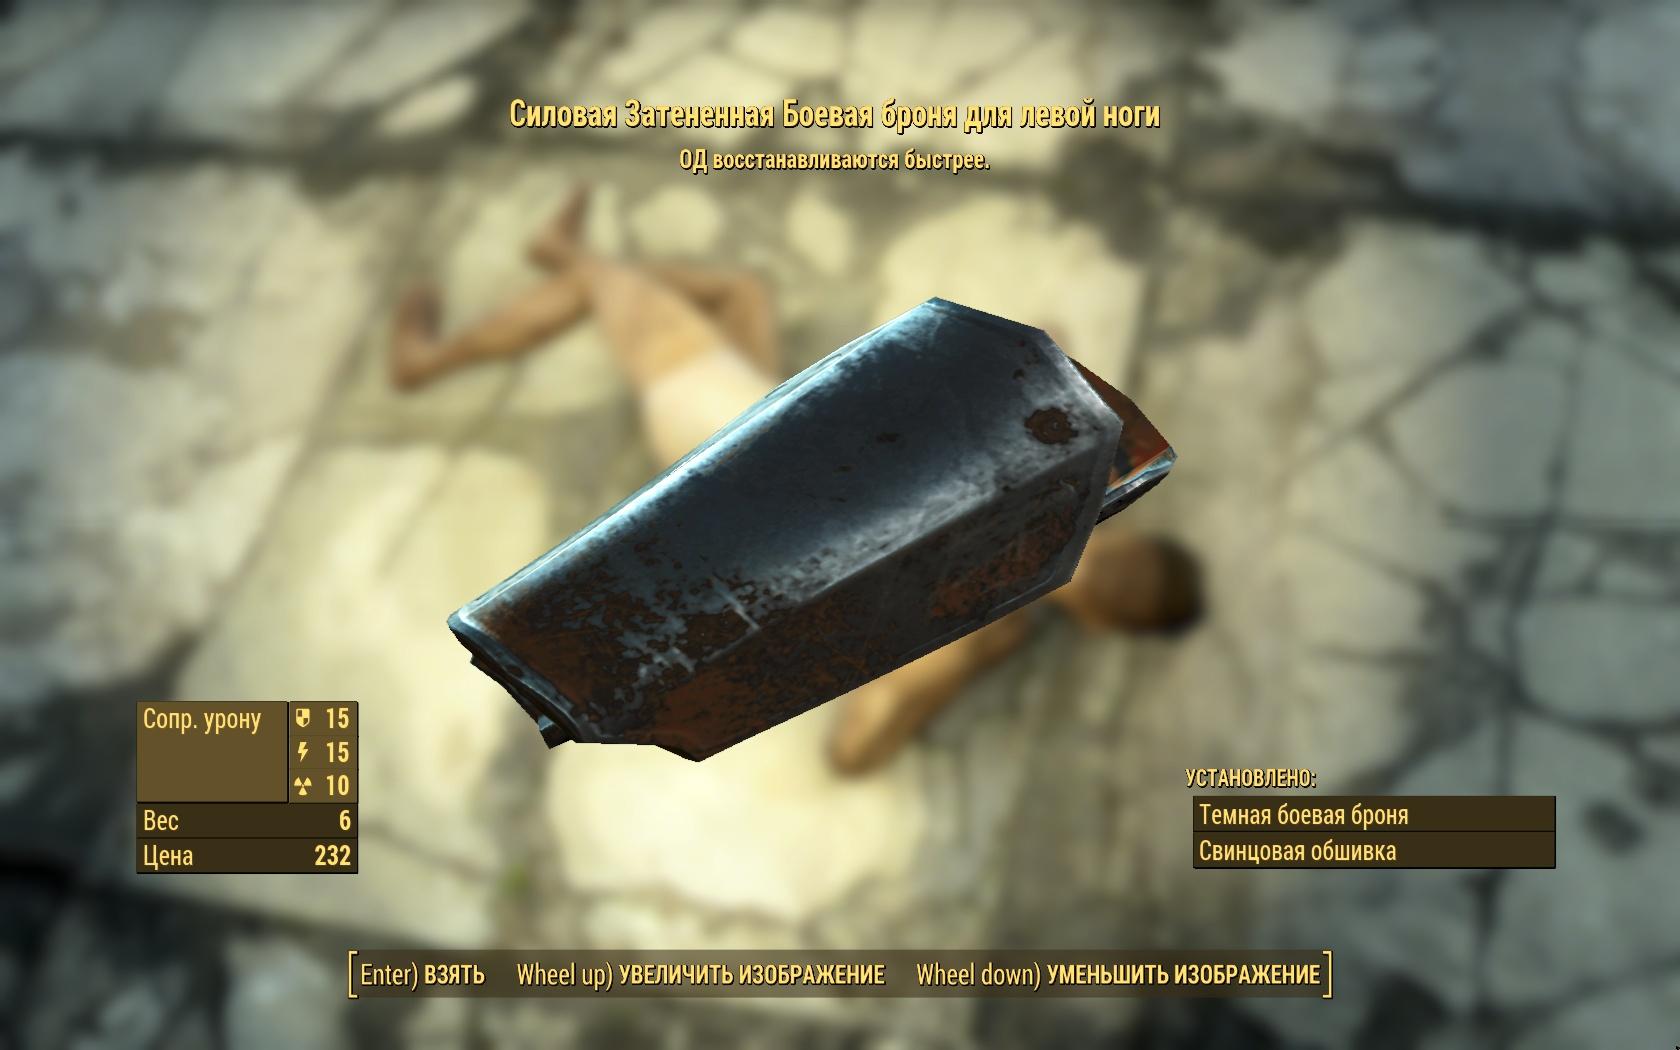 Силовая затенённая боевая броня для левой ноги - Fallout 4 броня, затенённая, Одежда, Силовая